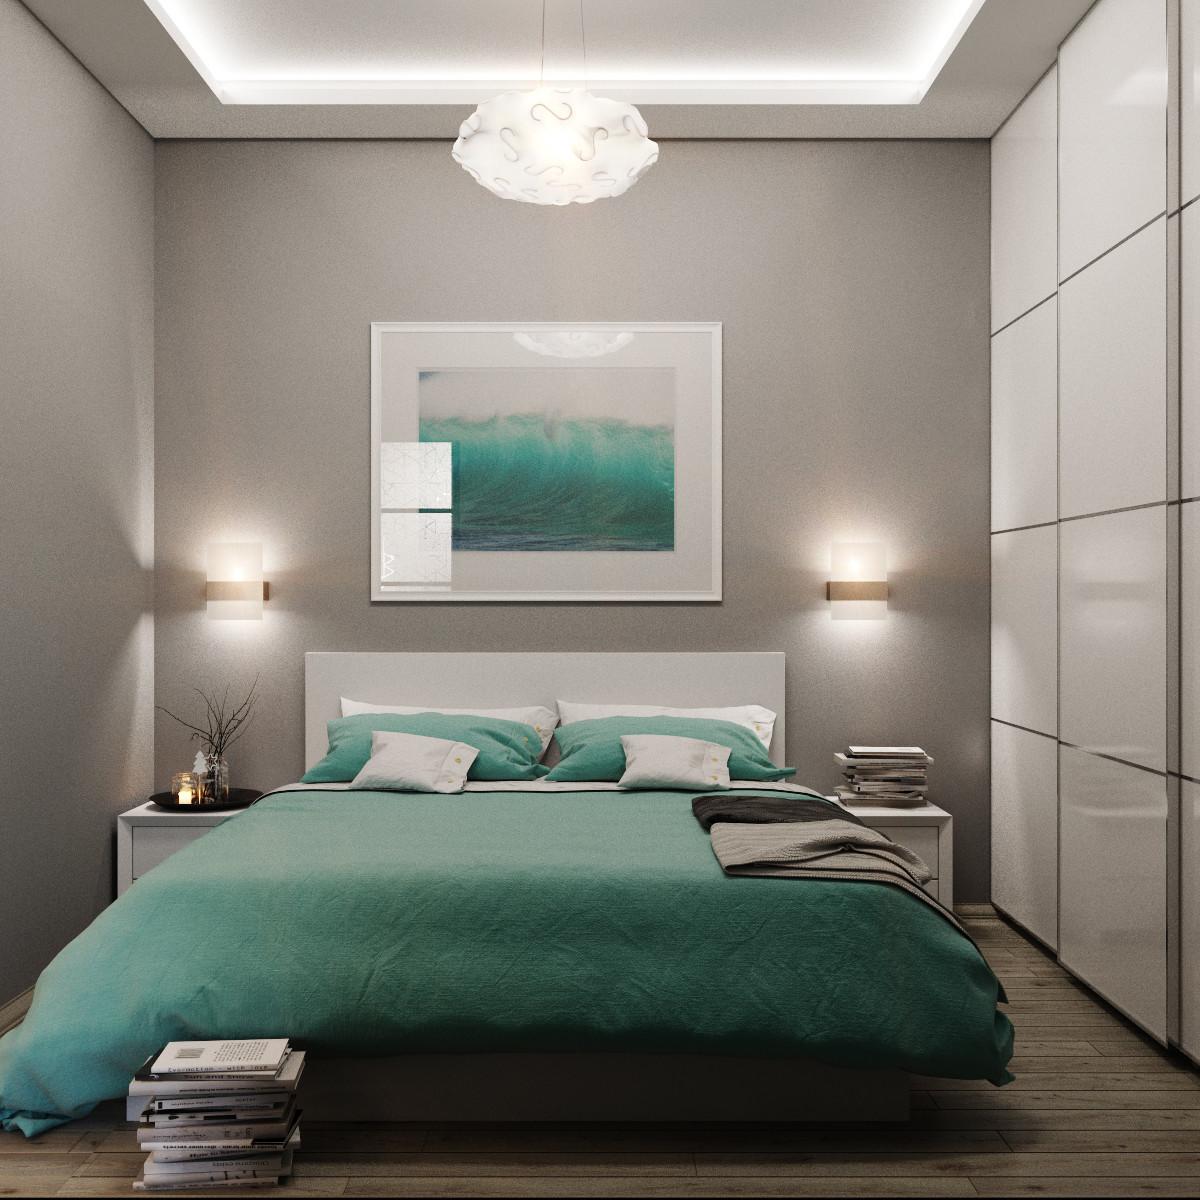 Бирюзовый, серый и белый цвета в небольшой спальне